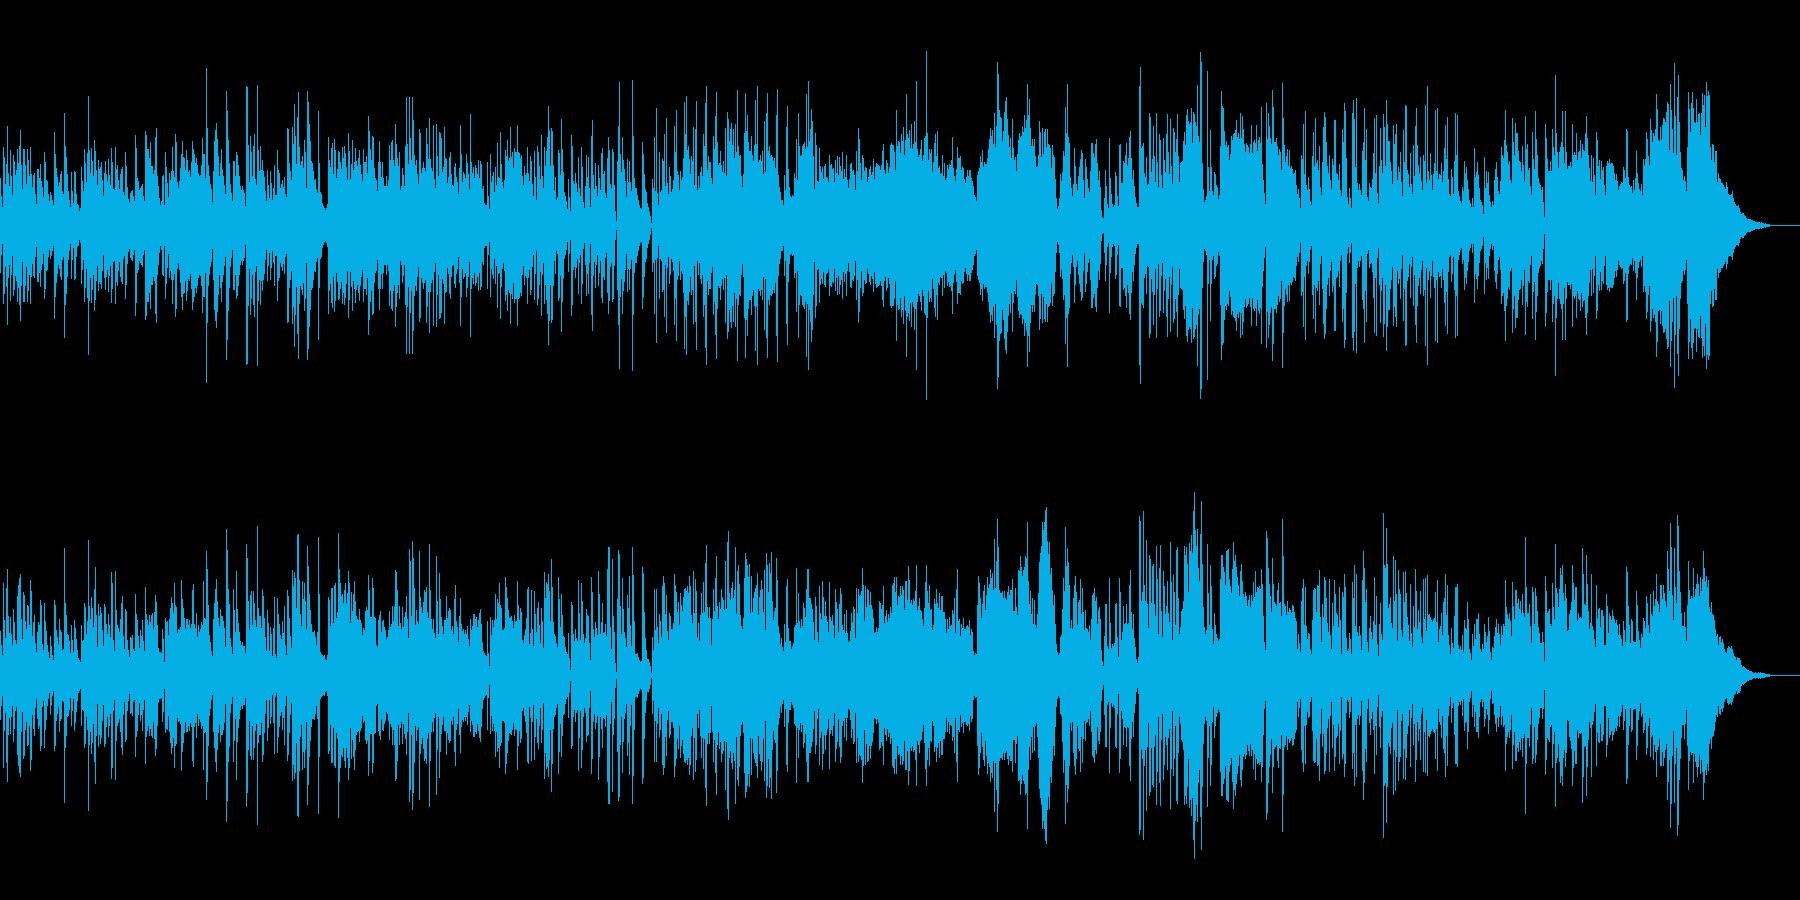 グリーンスリーブス合唱 ジャズ ゆったりの再生済みの波形